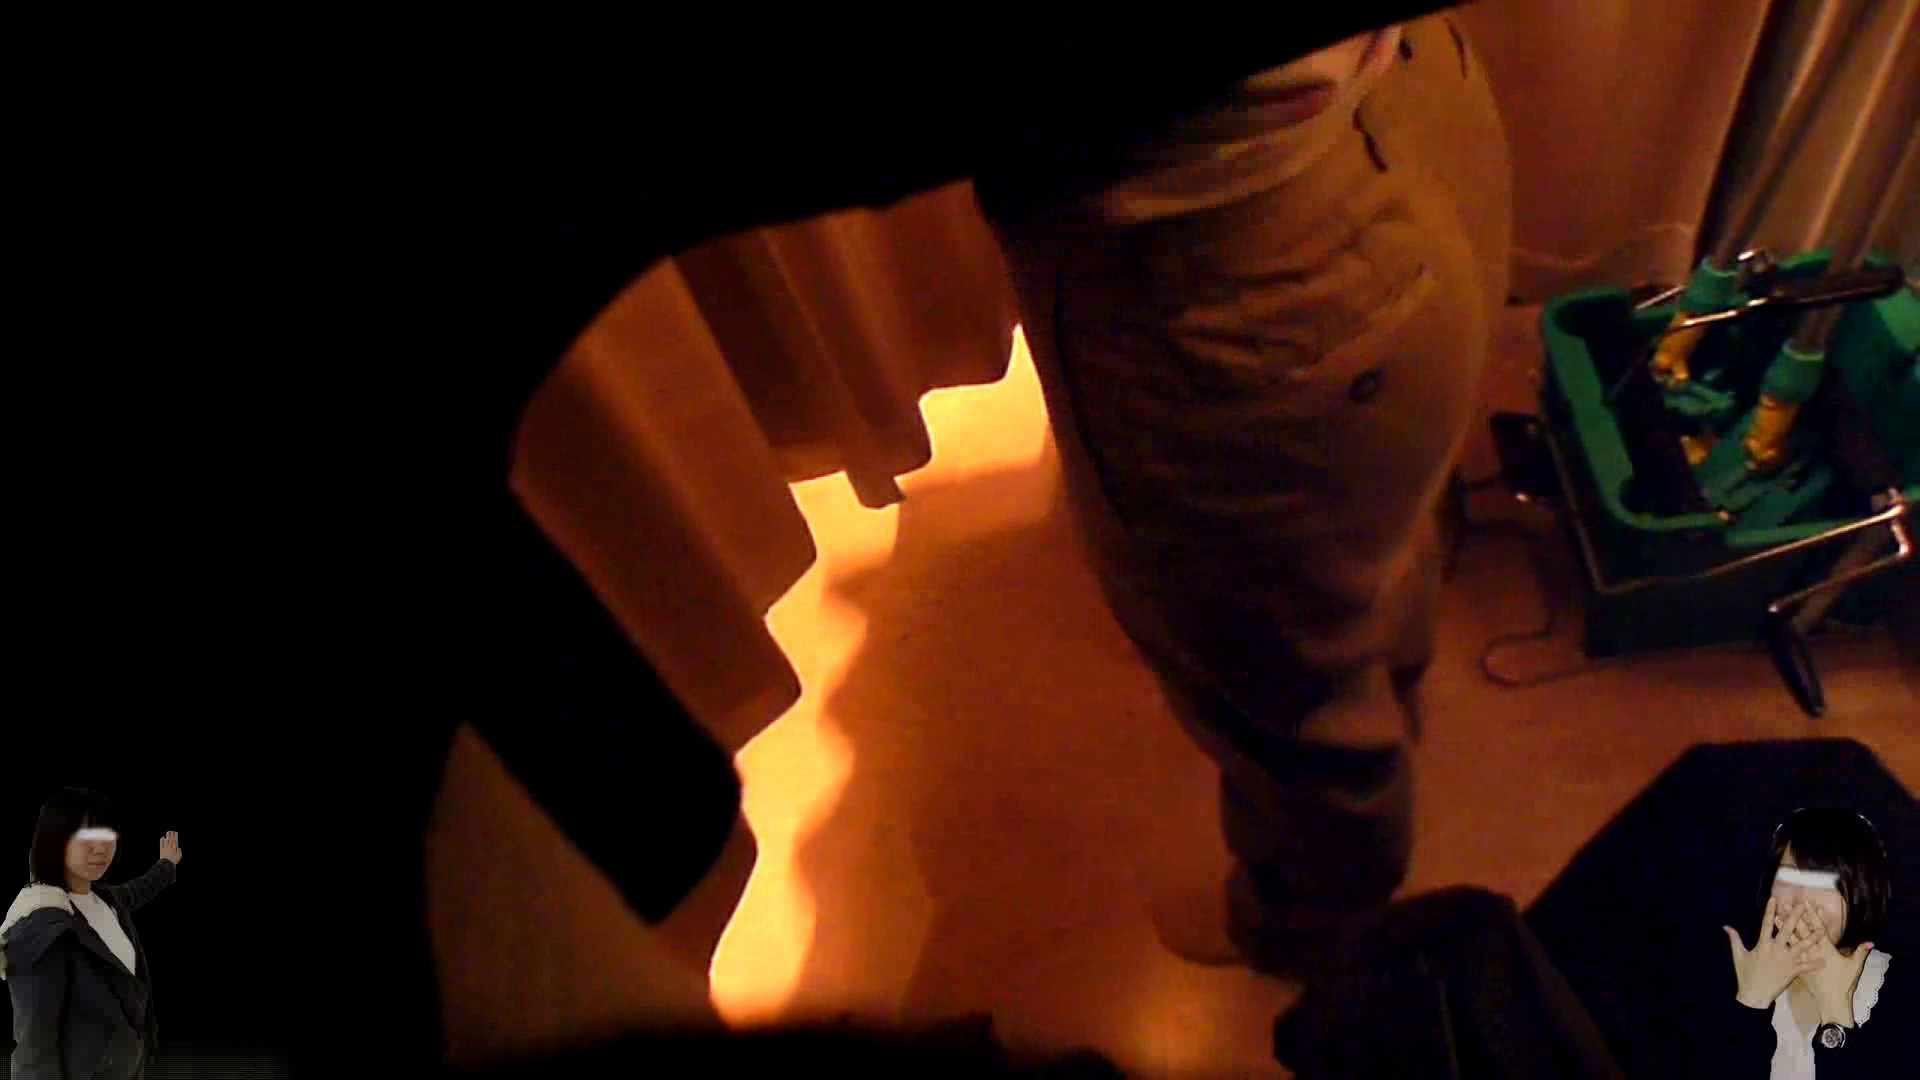 素人投稿 現役「JD」Eちゃんの着替え Vol.04 美しいOLの裸体  107pic 40